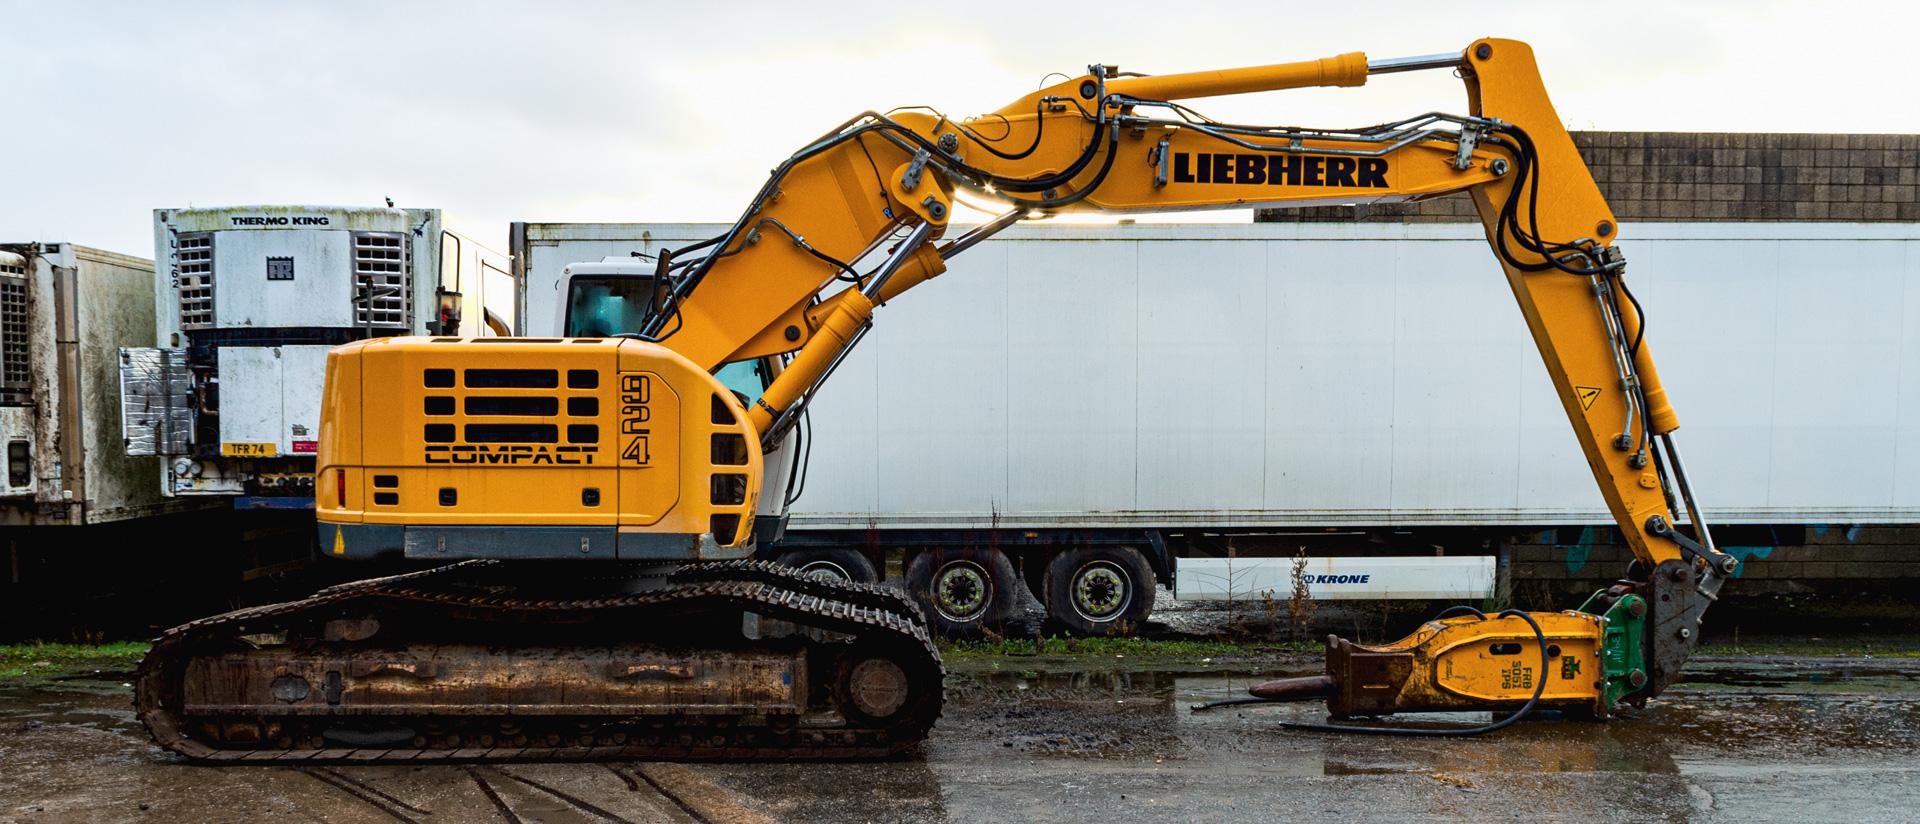 Leibherr Product Image1